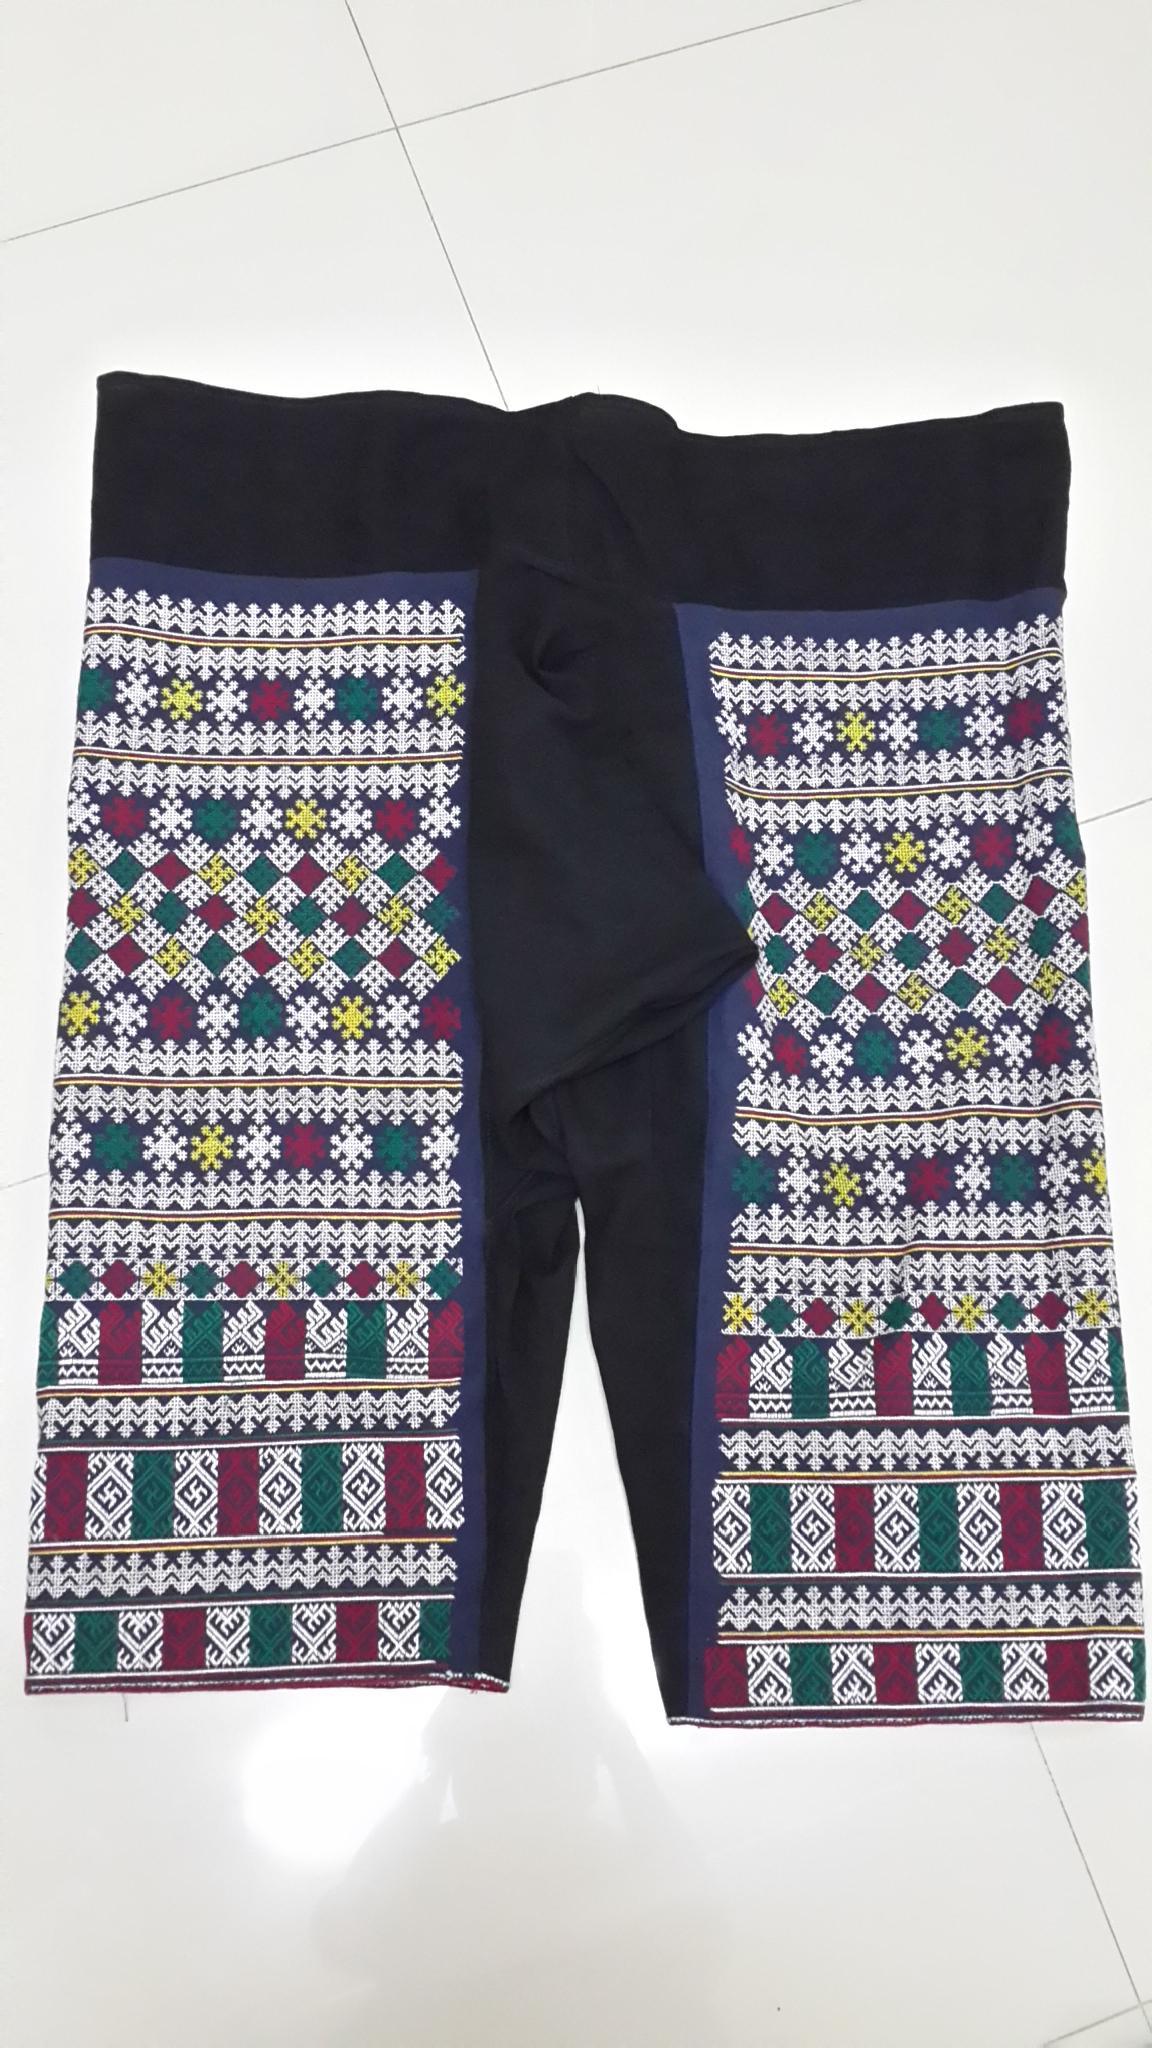 กางเกงผ้าปักมือโทนขาว ลายโบราณทั้งผืน